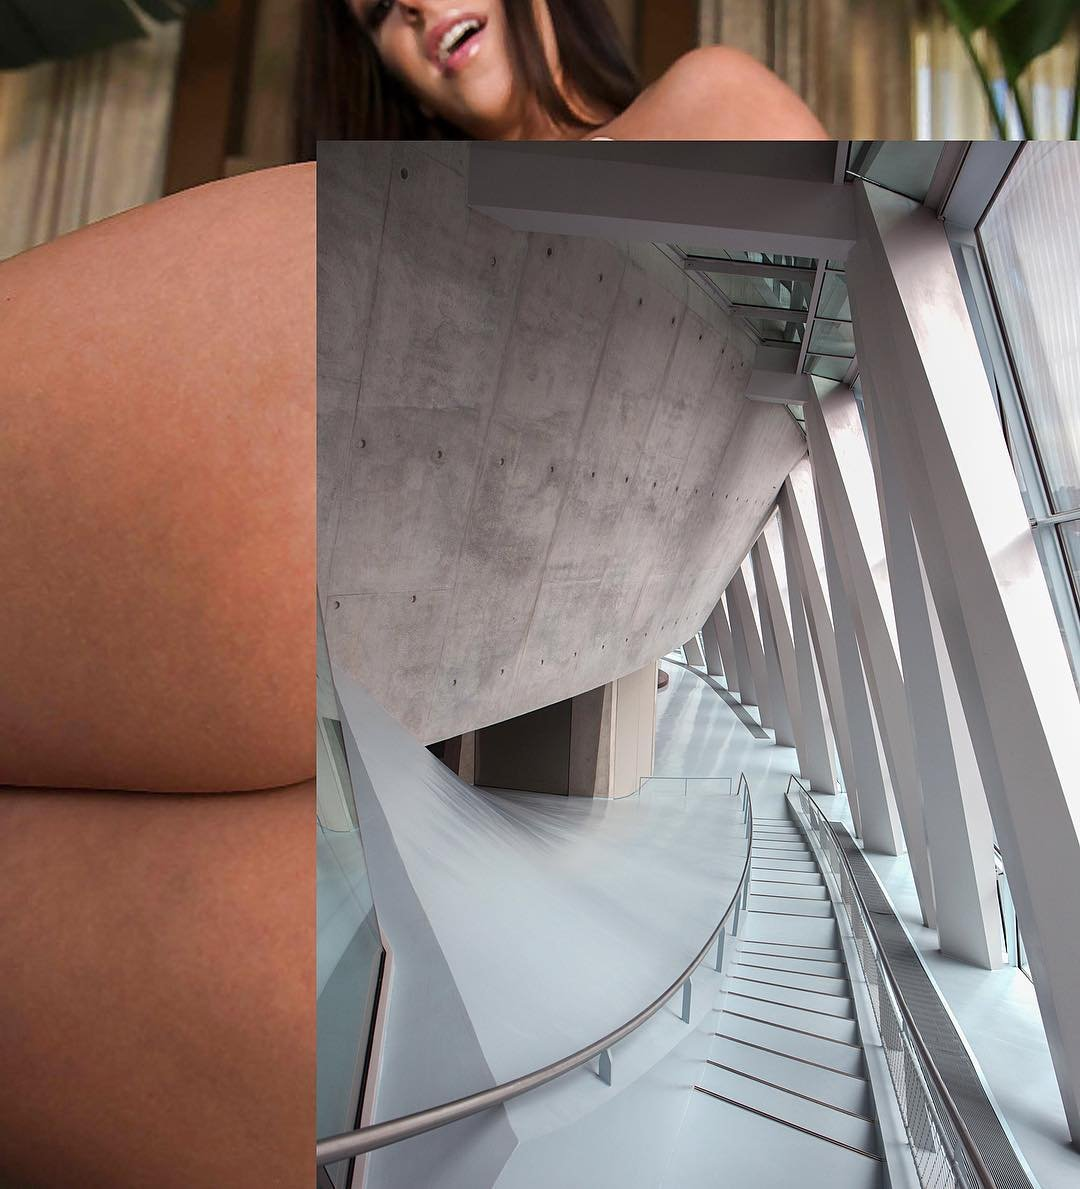 АРХИэротические коллажи архитектура,искусство,коллаж,приколы для взрослых,эротика